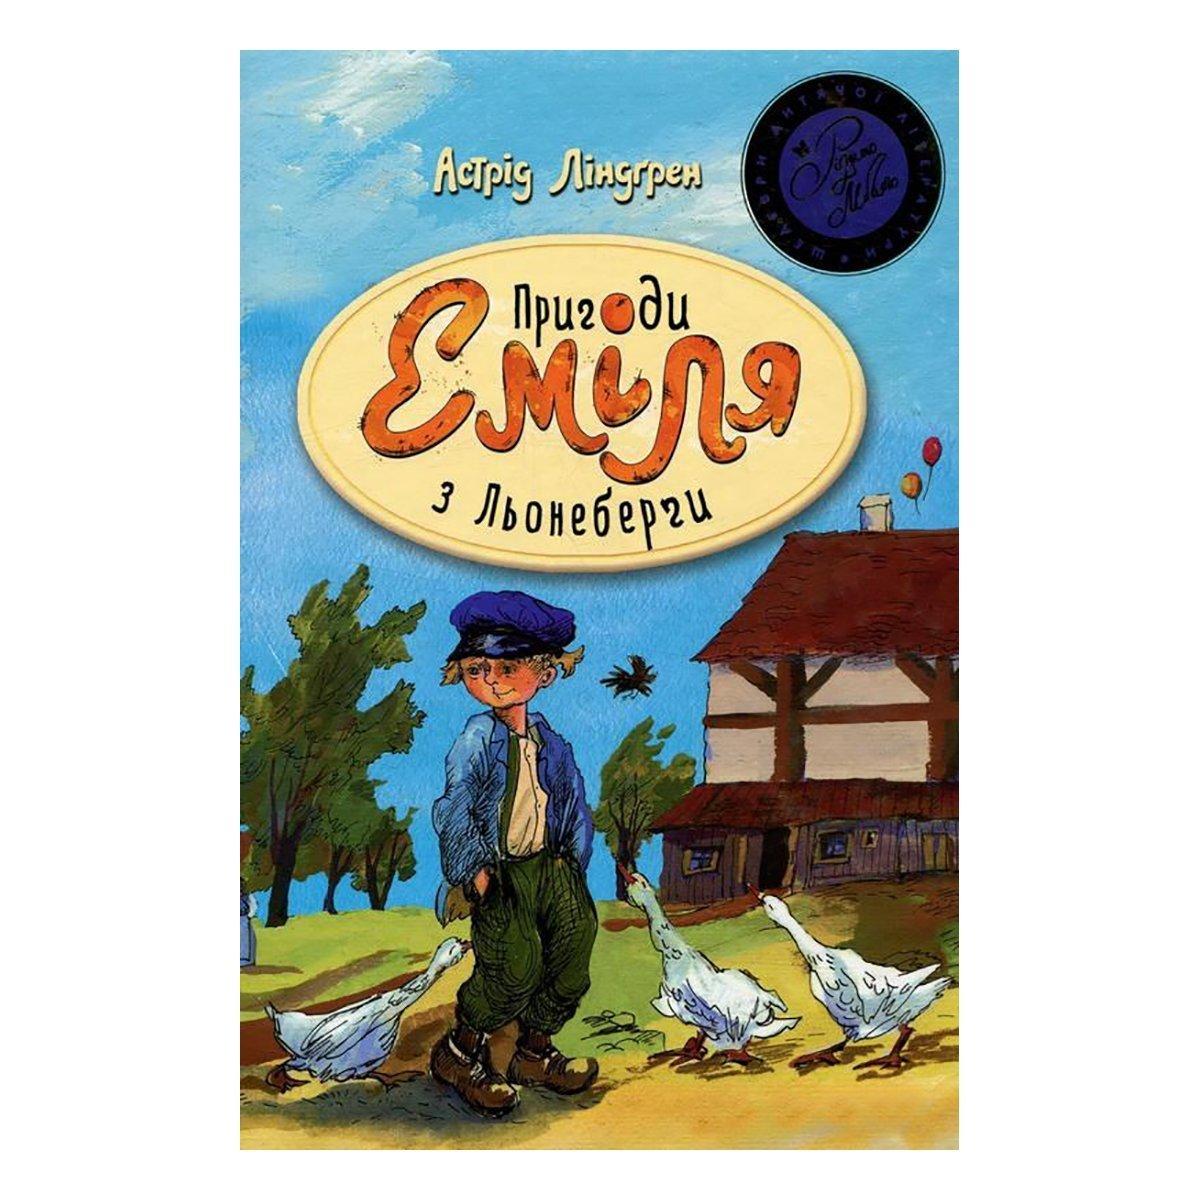 Купить Художественная литература, Книга РIДНА МОВА Приключения Эмиля из Лeннеберги 978-966-917-207-5 ТМ: РІДНА МОВА